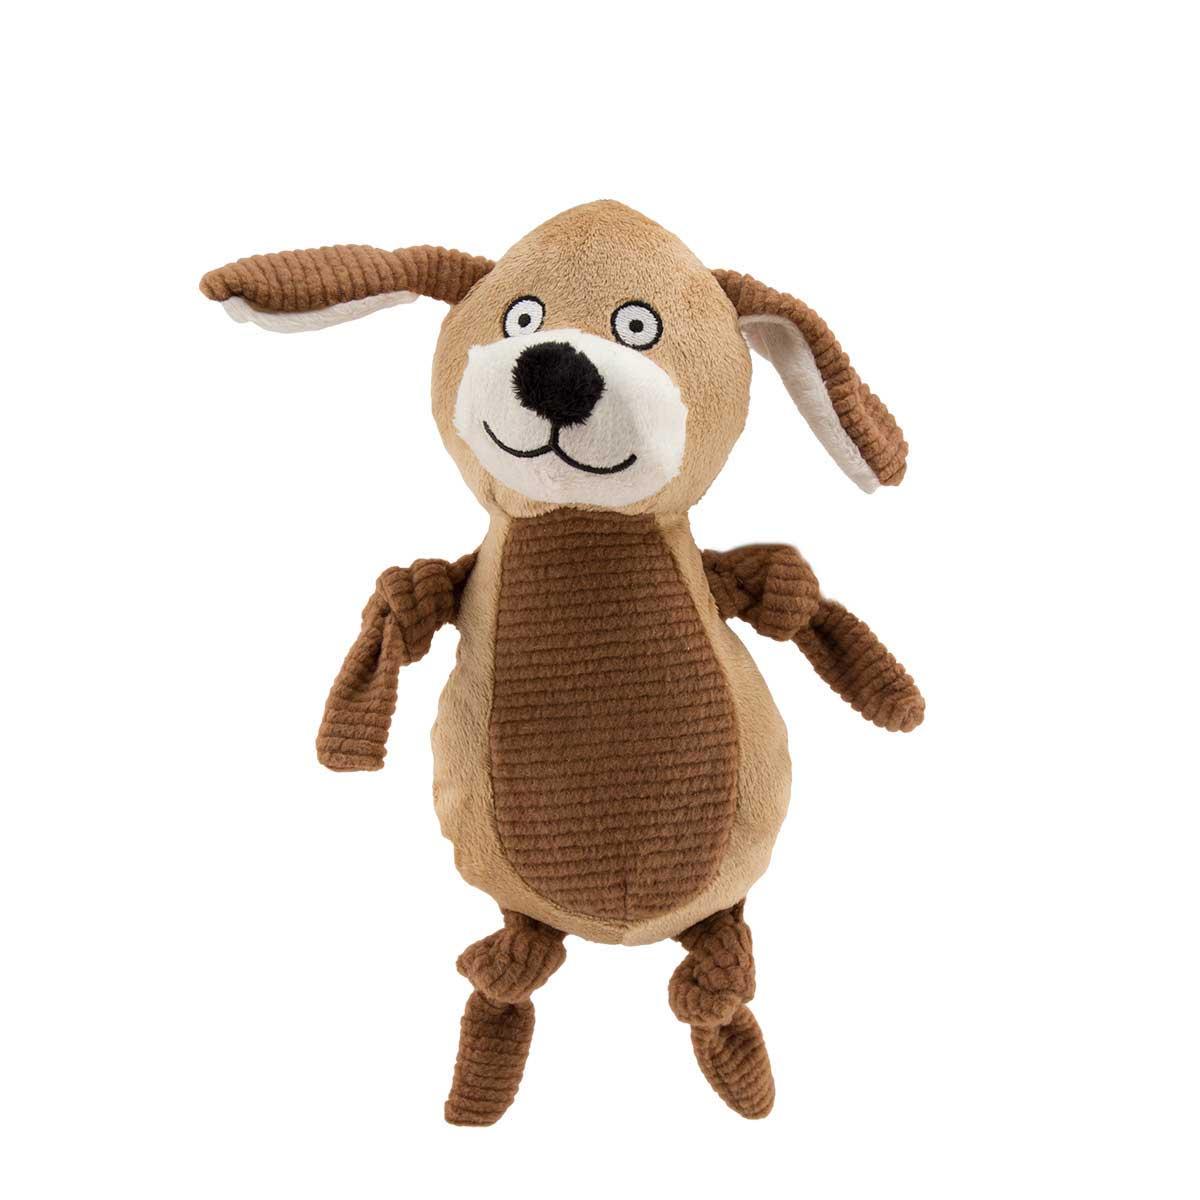 Dawgeee Toy Dog Plush Farm Buddies - 13 inches - Stuffed Dog Toys